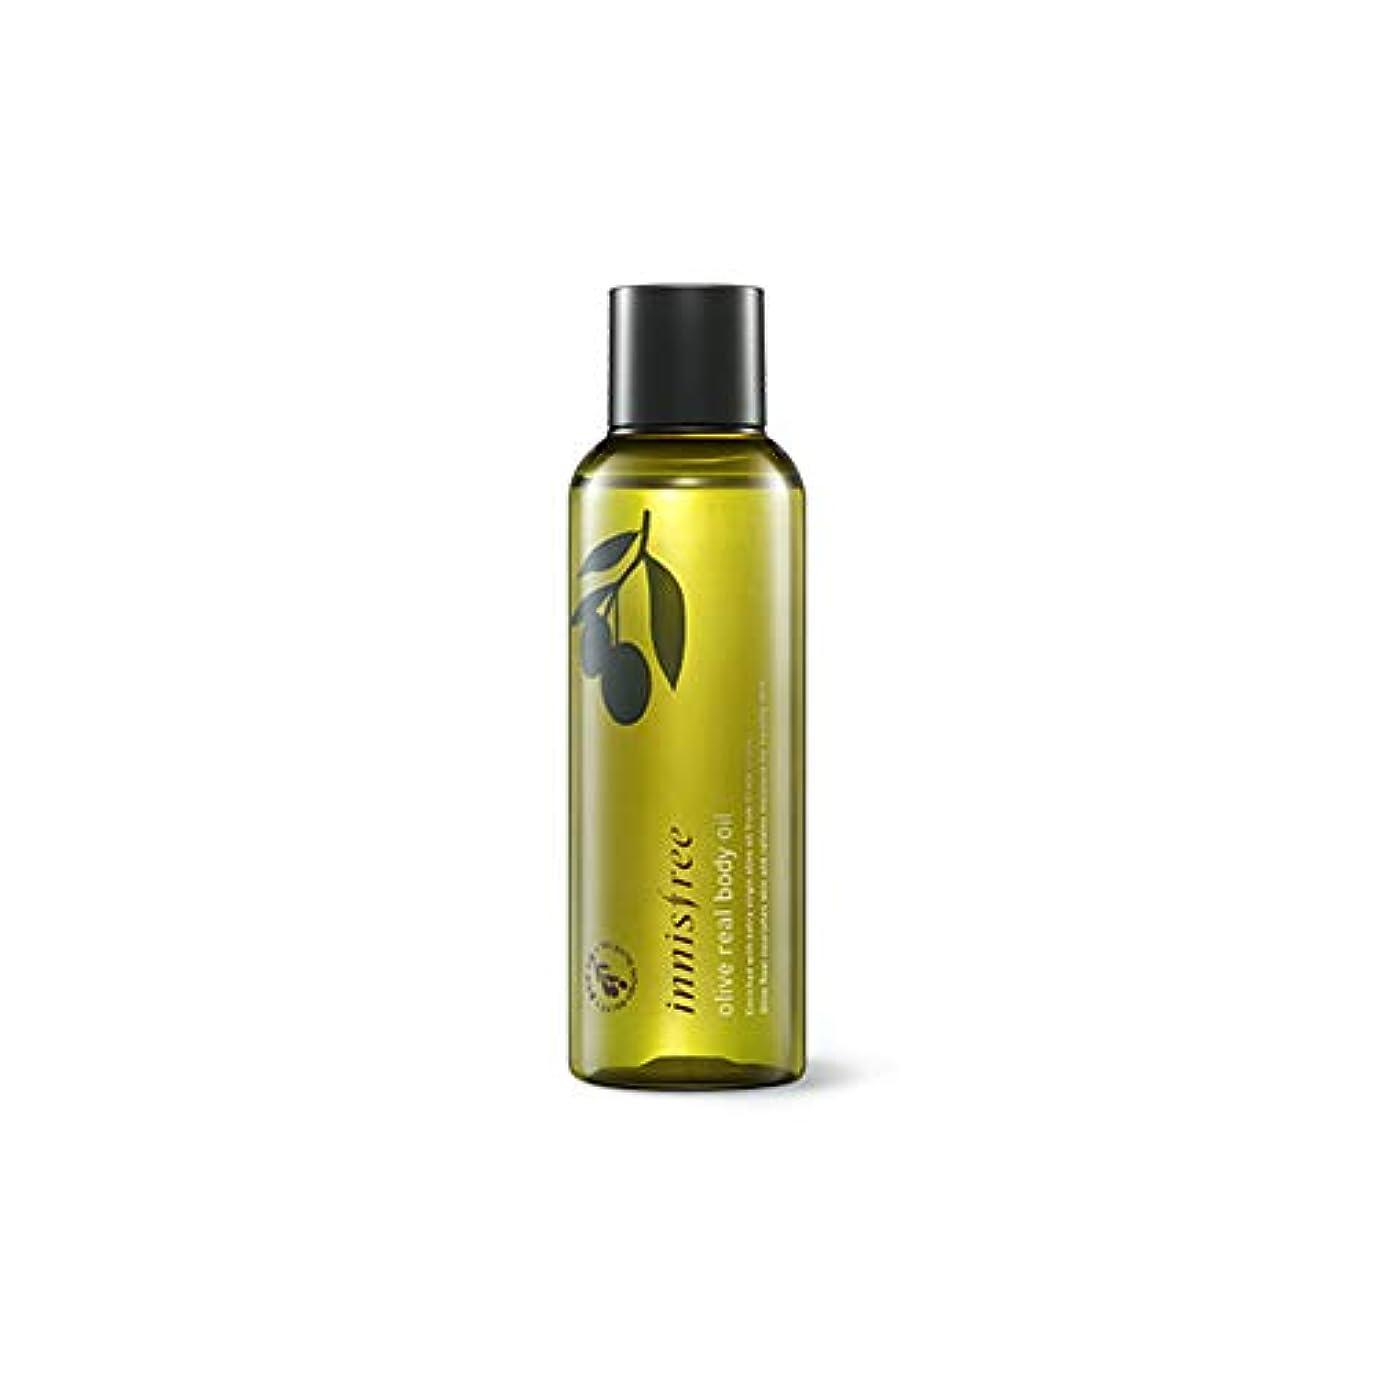 誤解特派員気質イニスフリー Innisfree オリーブリアルボディーオイル(150ml) Innisfree Olive Real Body Oil(150ml) [海外直送品]